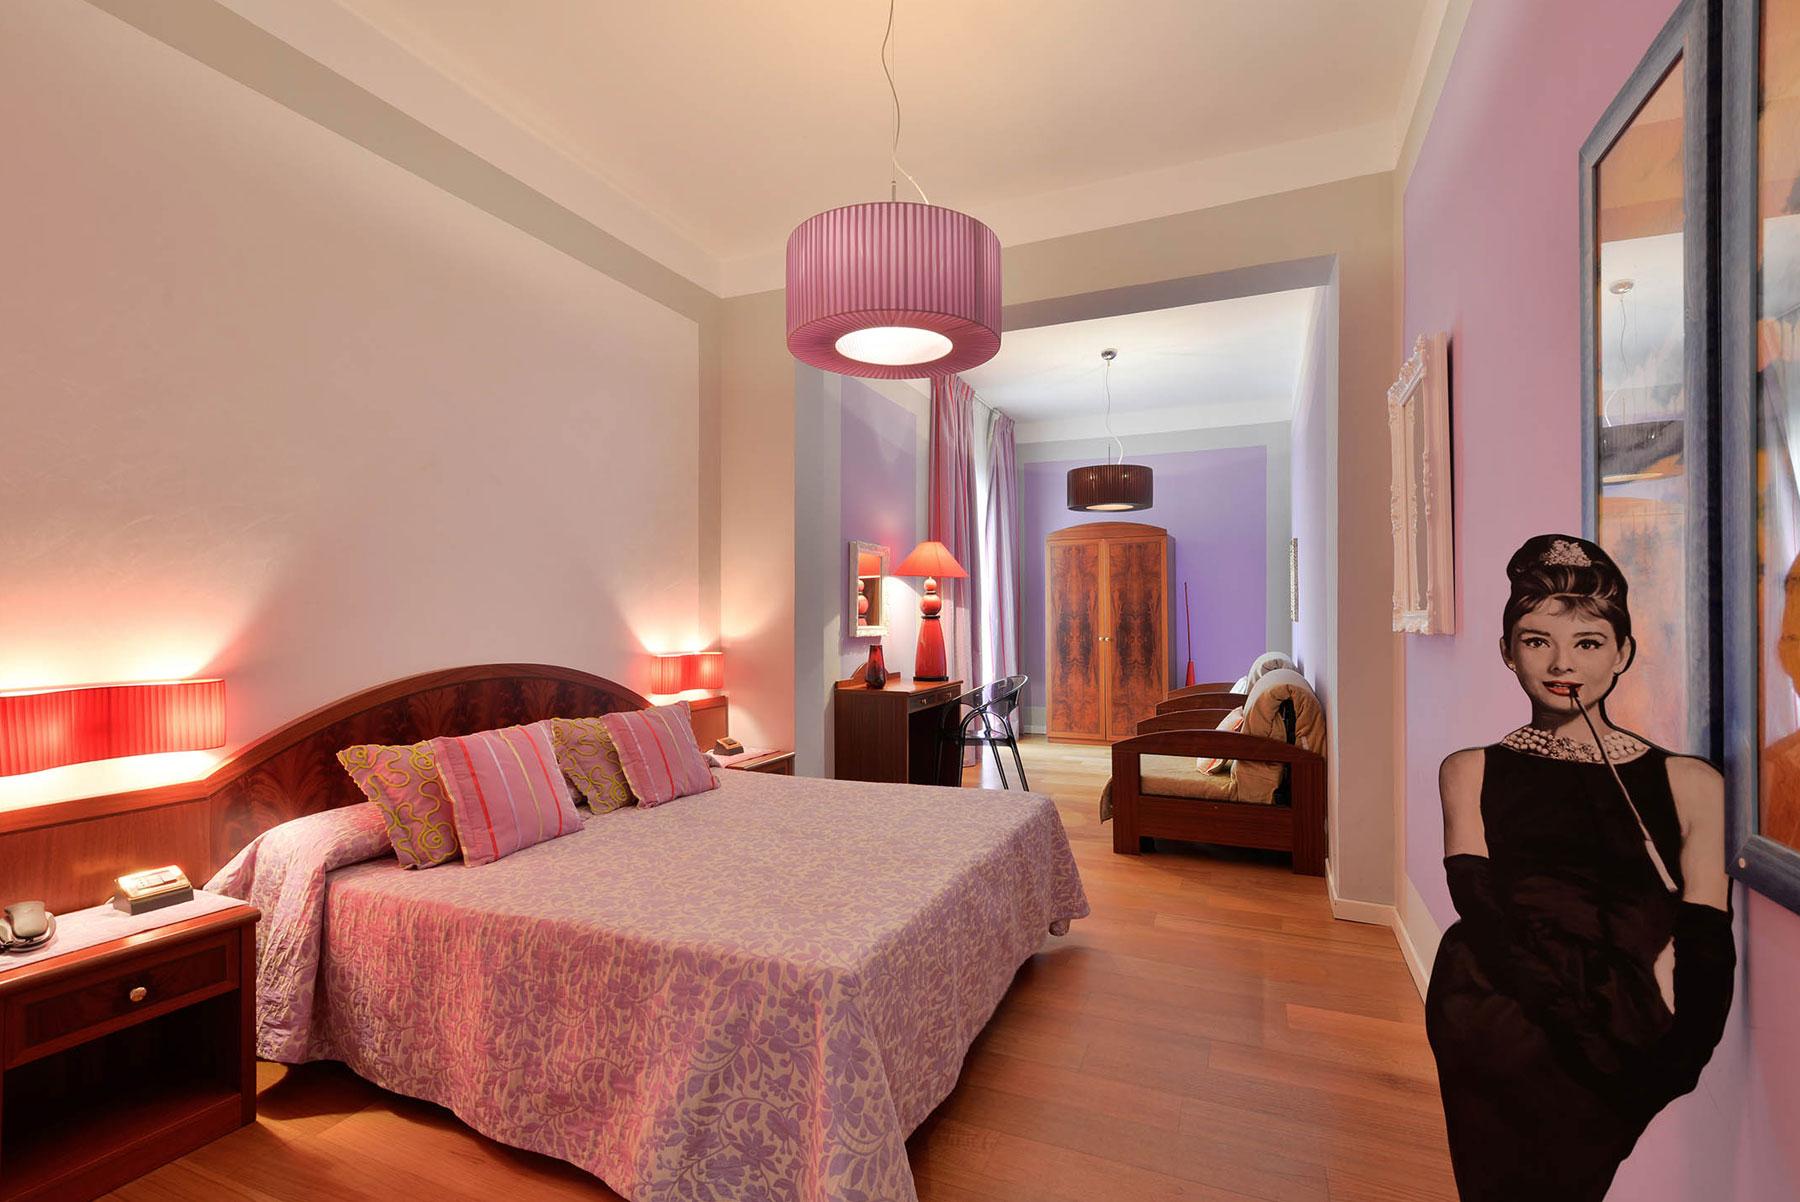 Una camera con un letto matrimoniale,  un divano e una scrivania